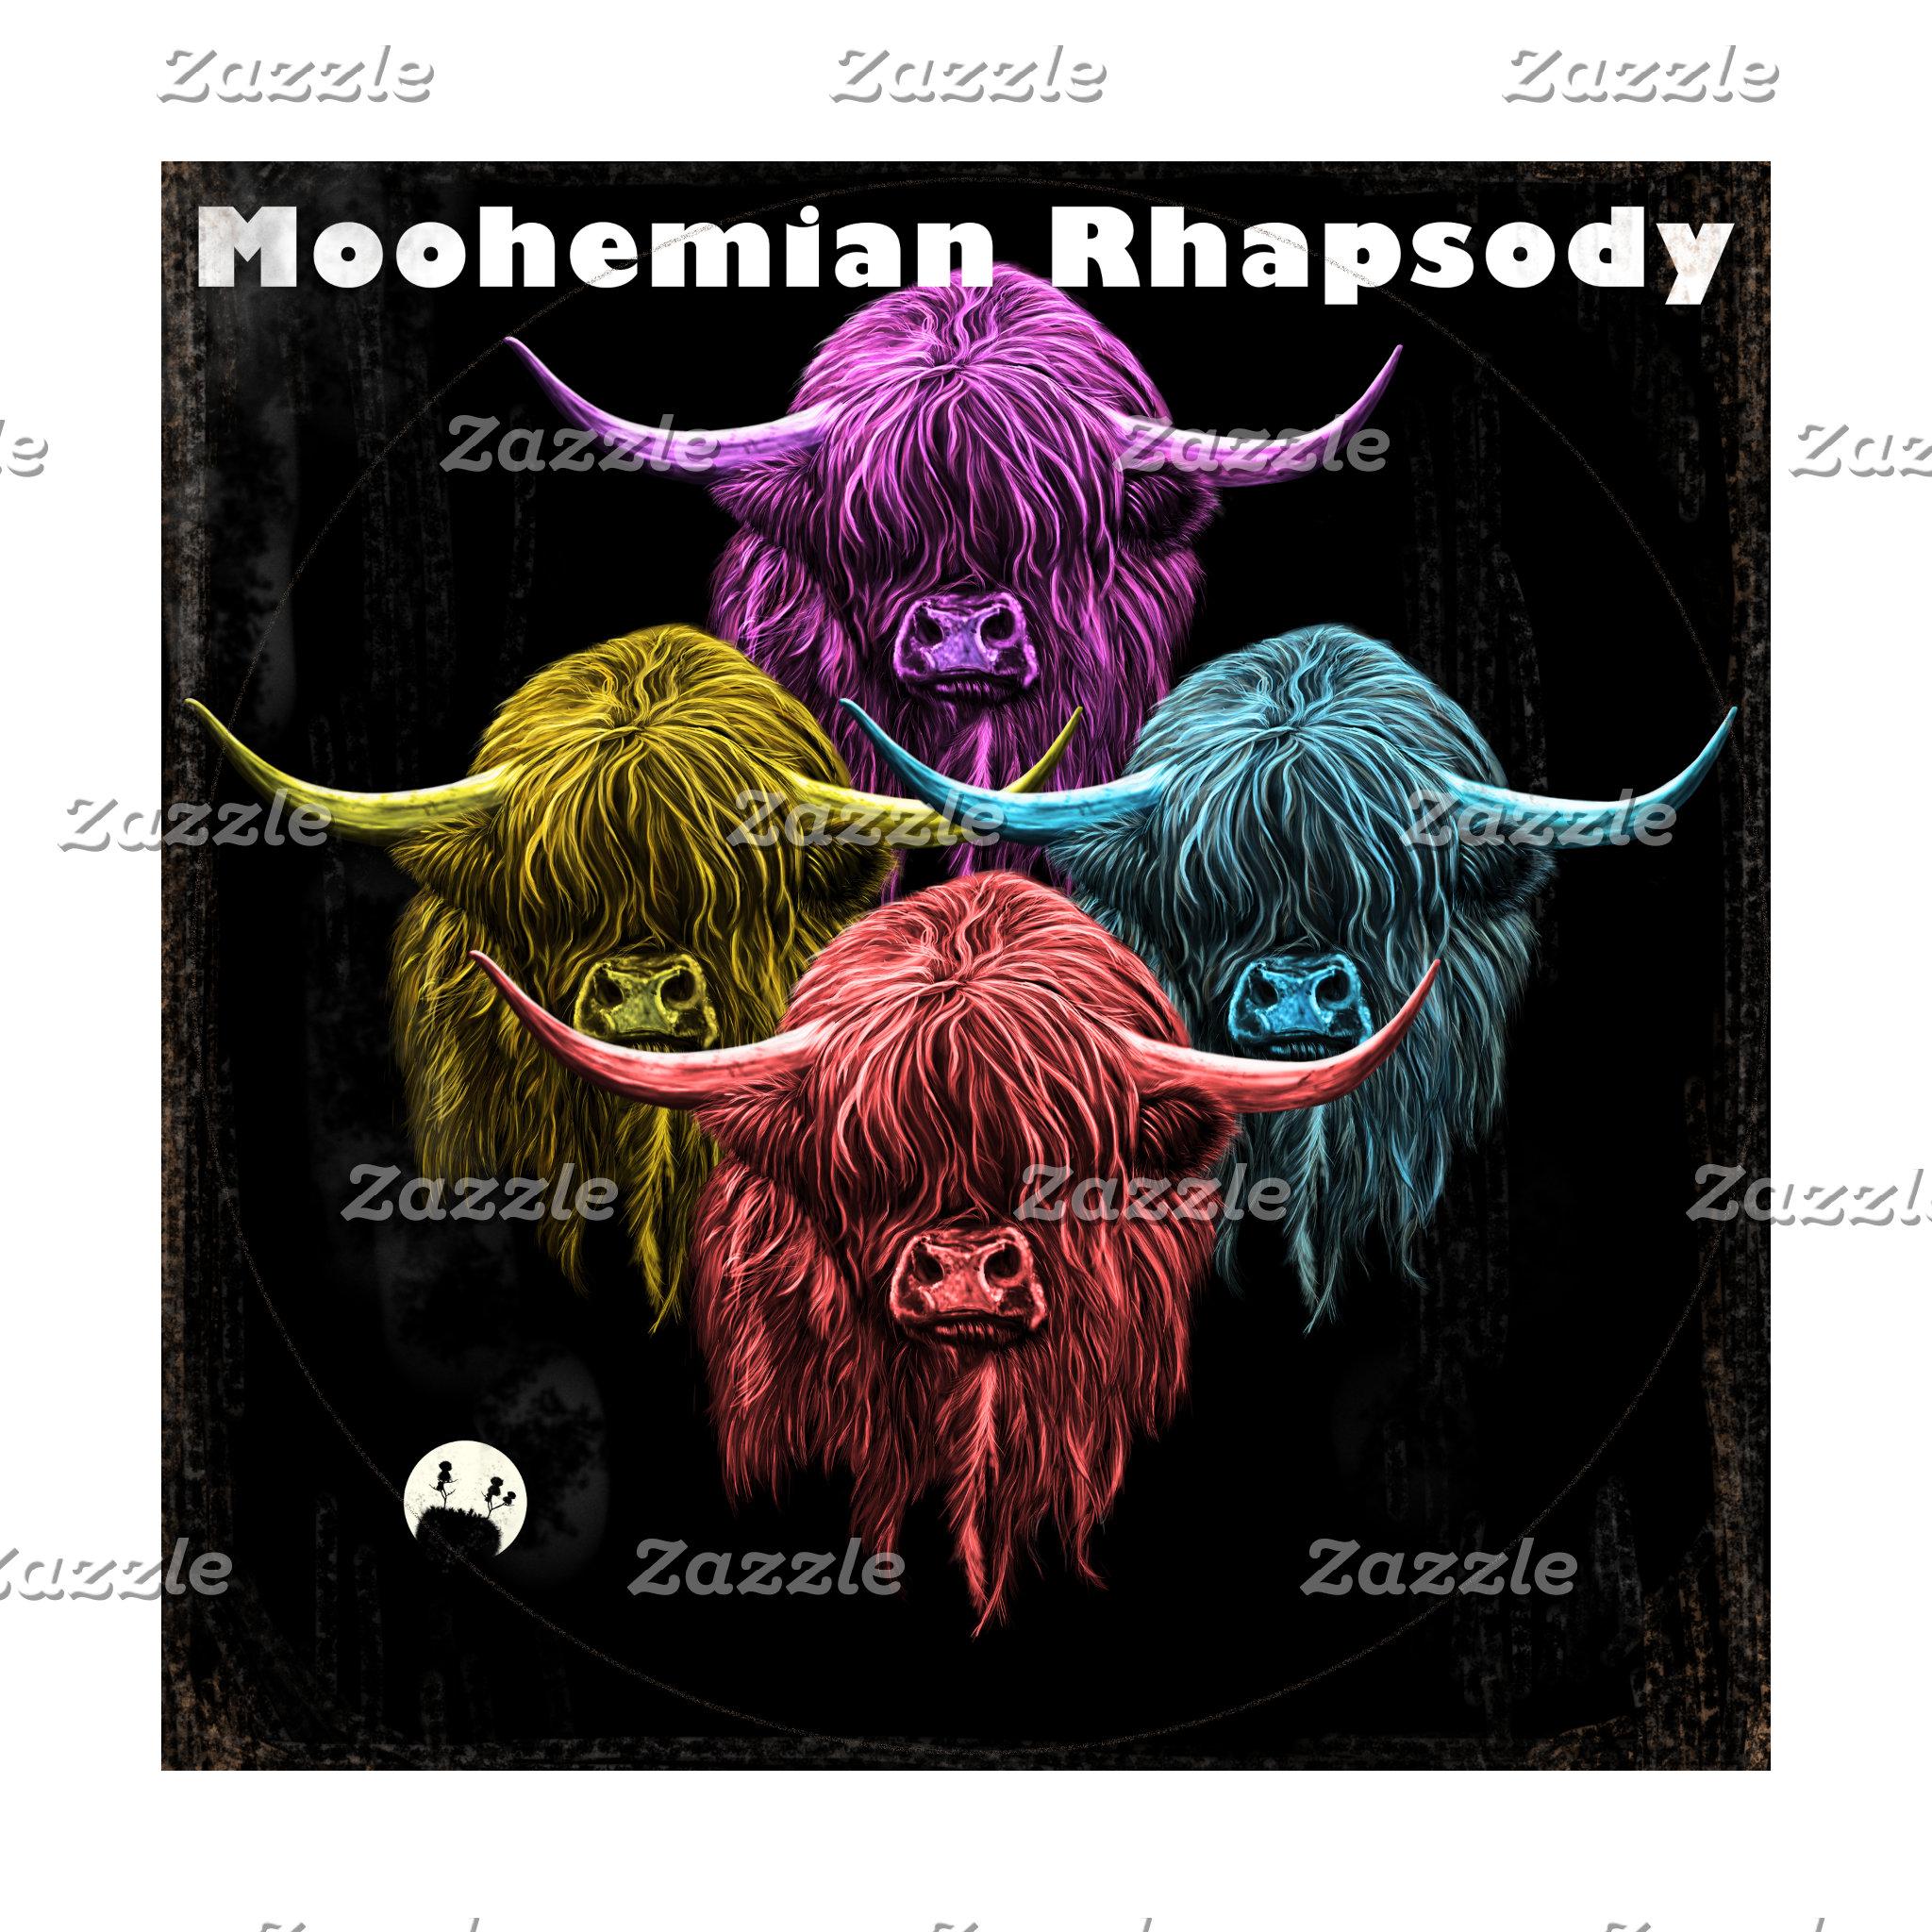 Moohemian Rhapsody